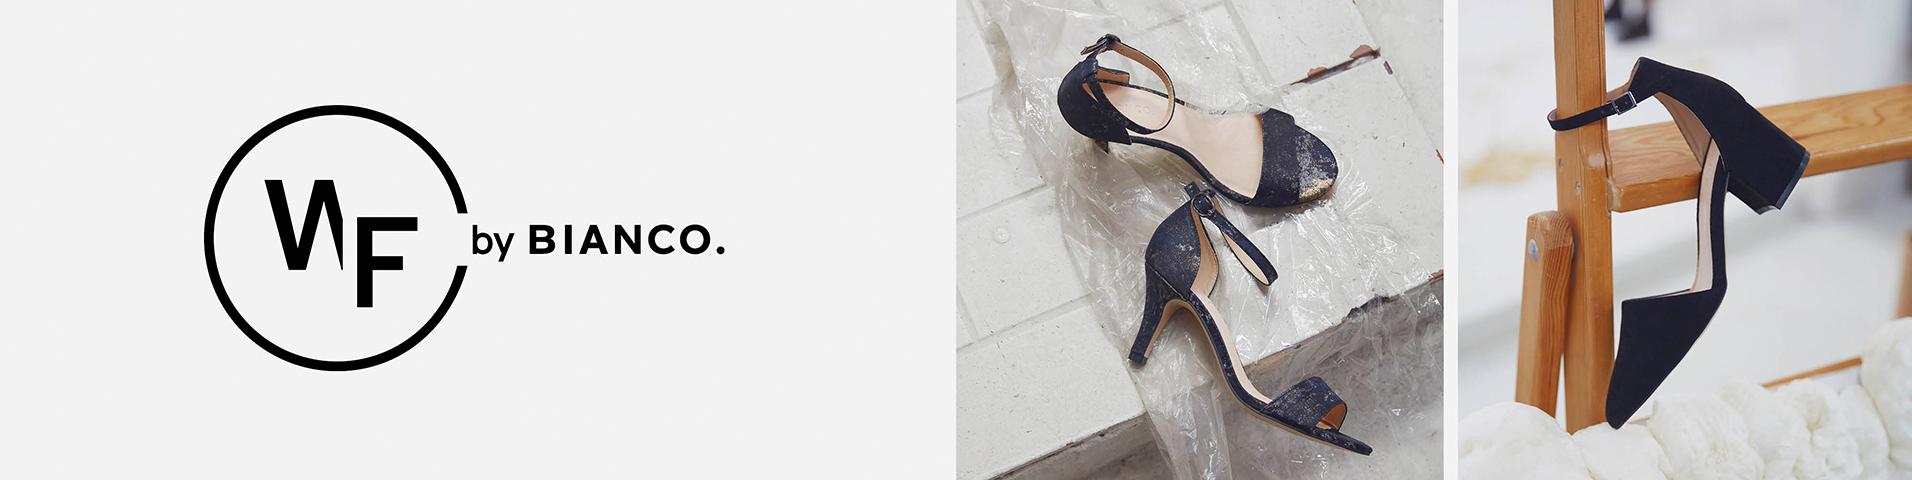 Tanie buty damskie Bianco Wide Fit online w Zalando | Odkryj